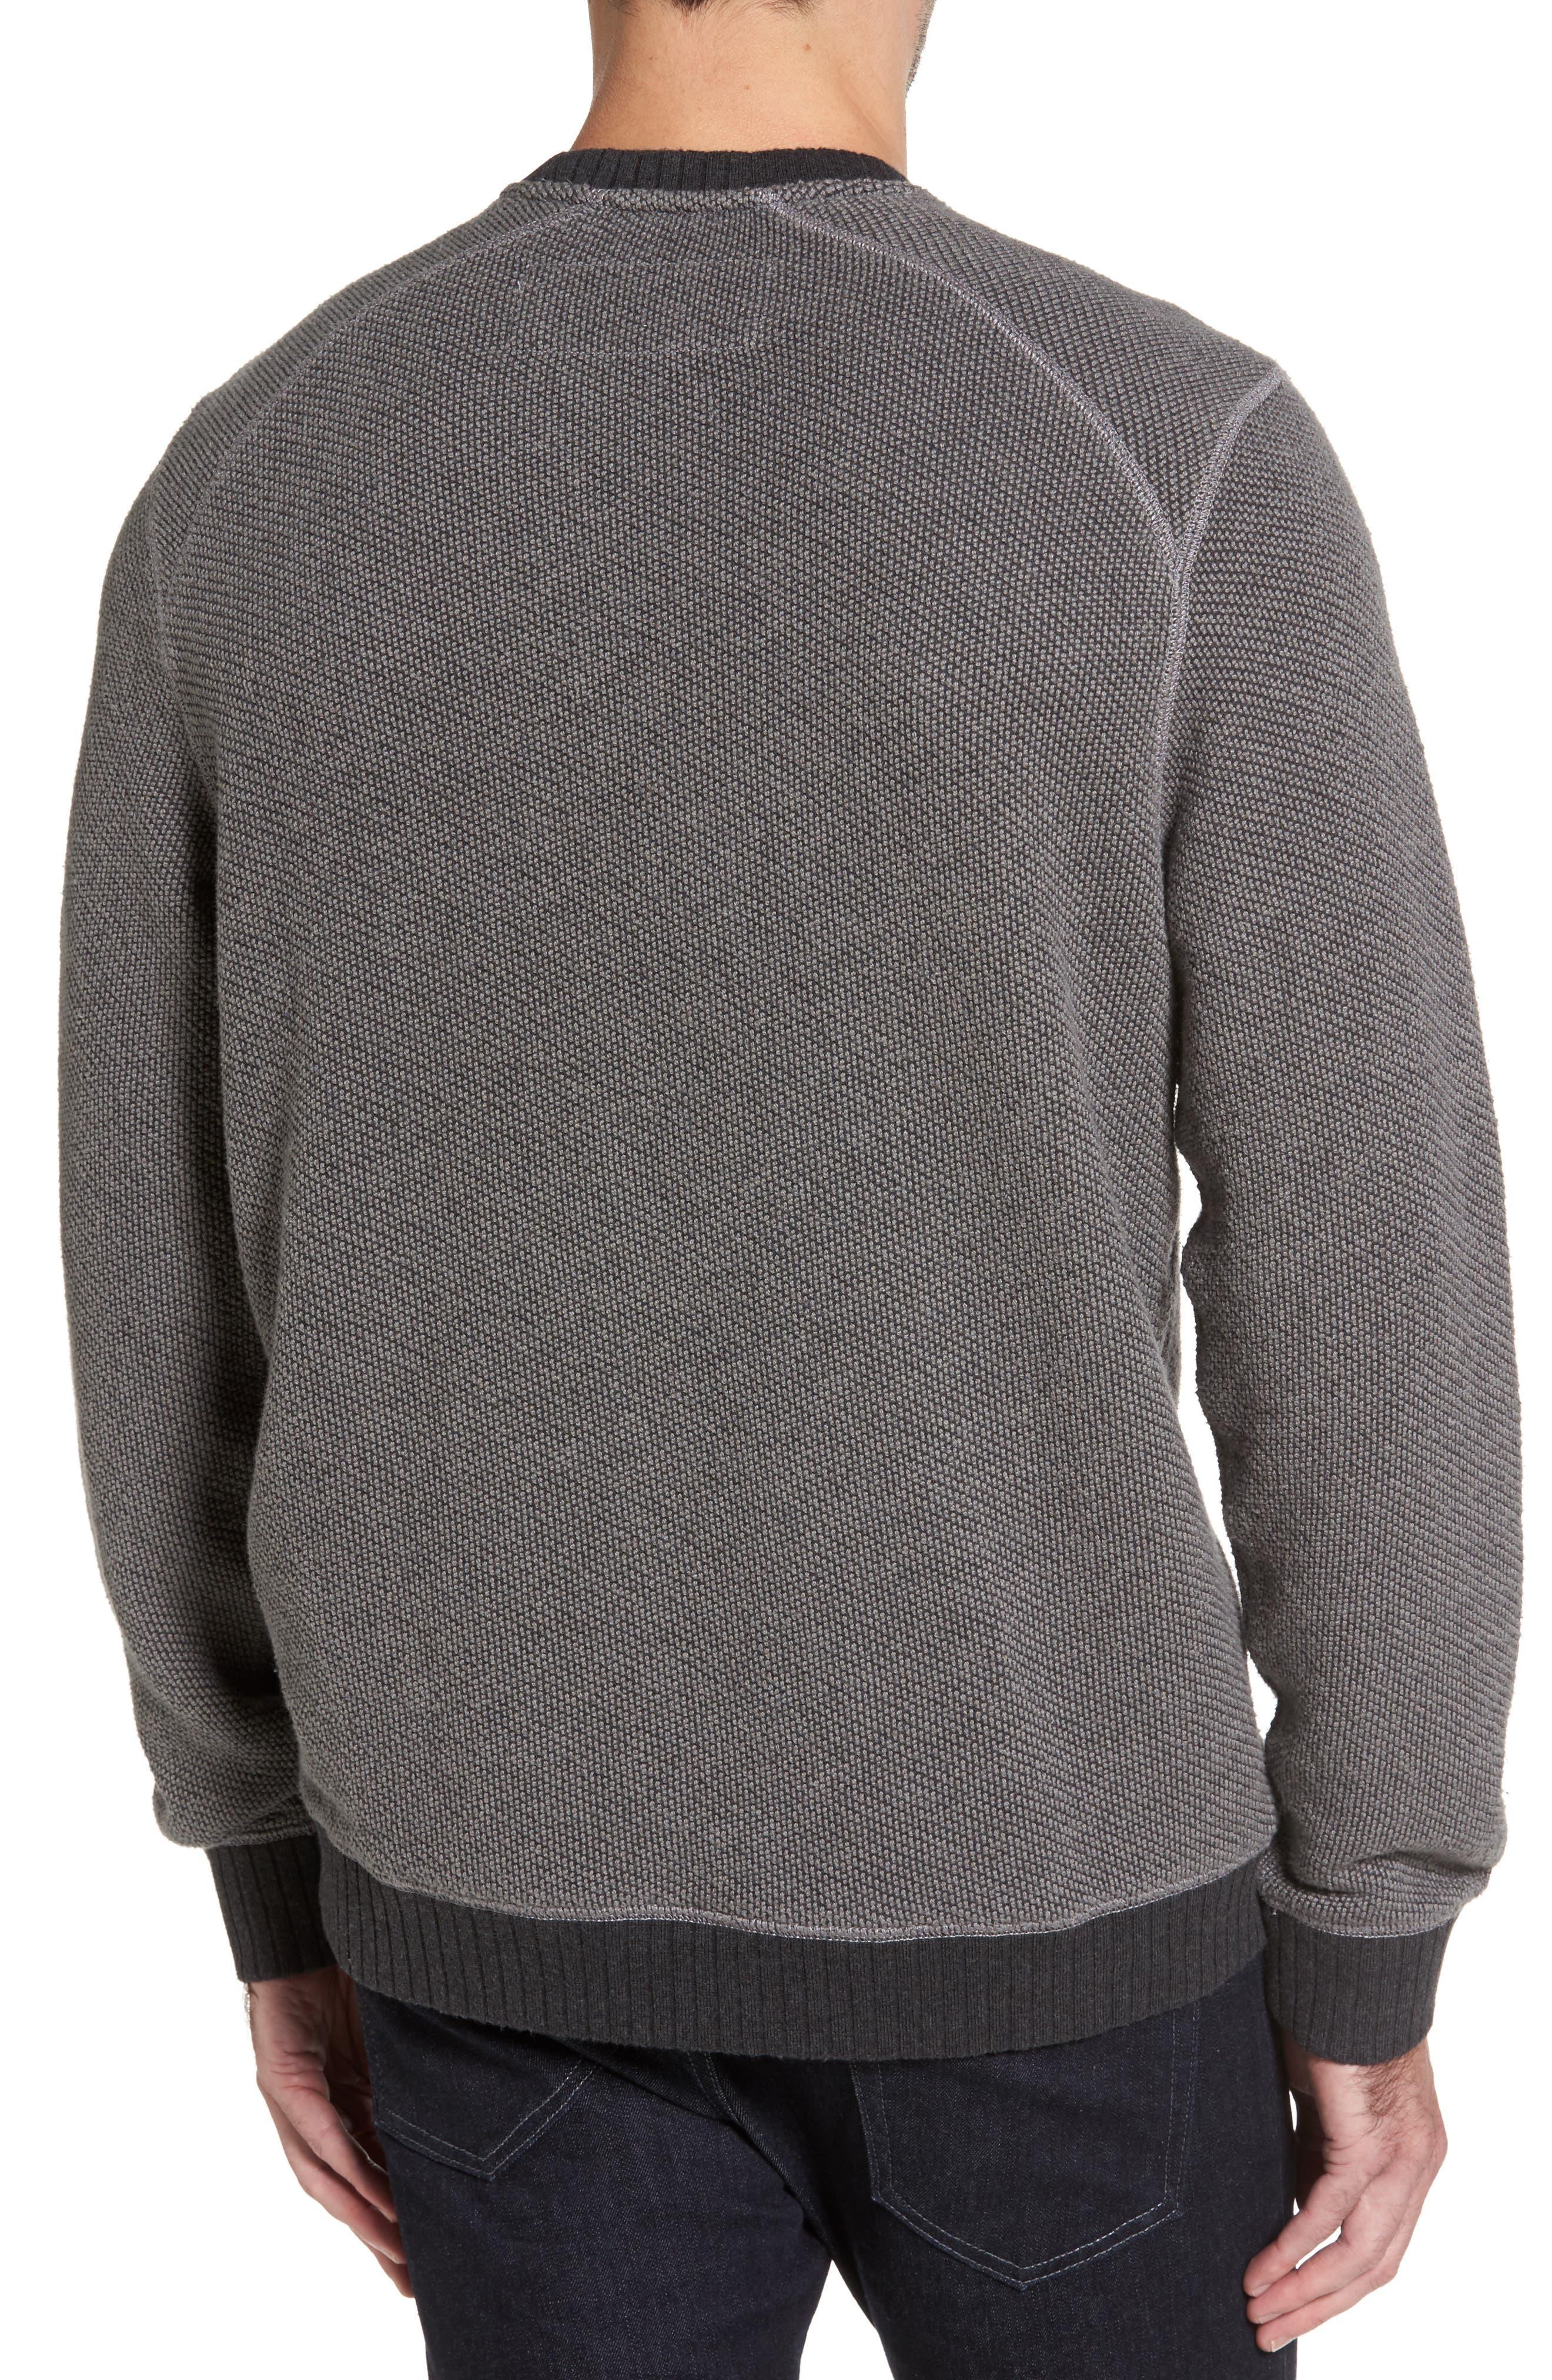 Alternate Image 2  - Tommy Bahama Surfari Crewneck Sweatshirt